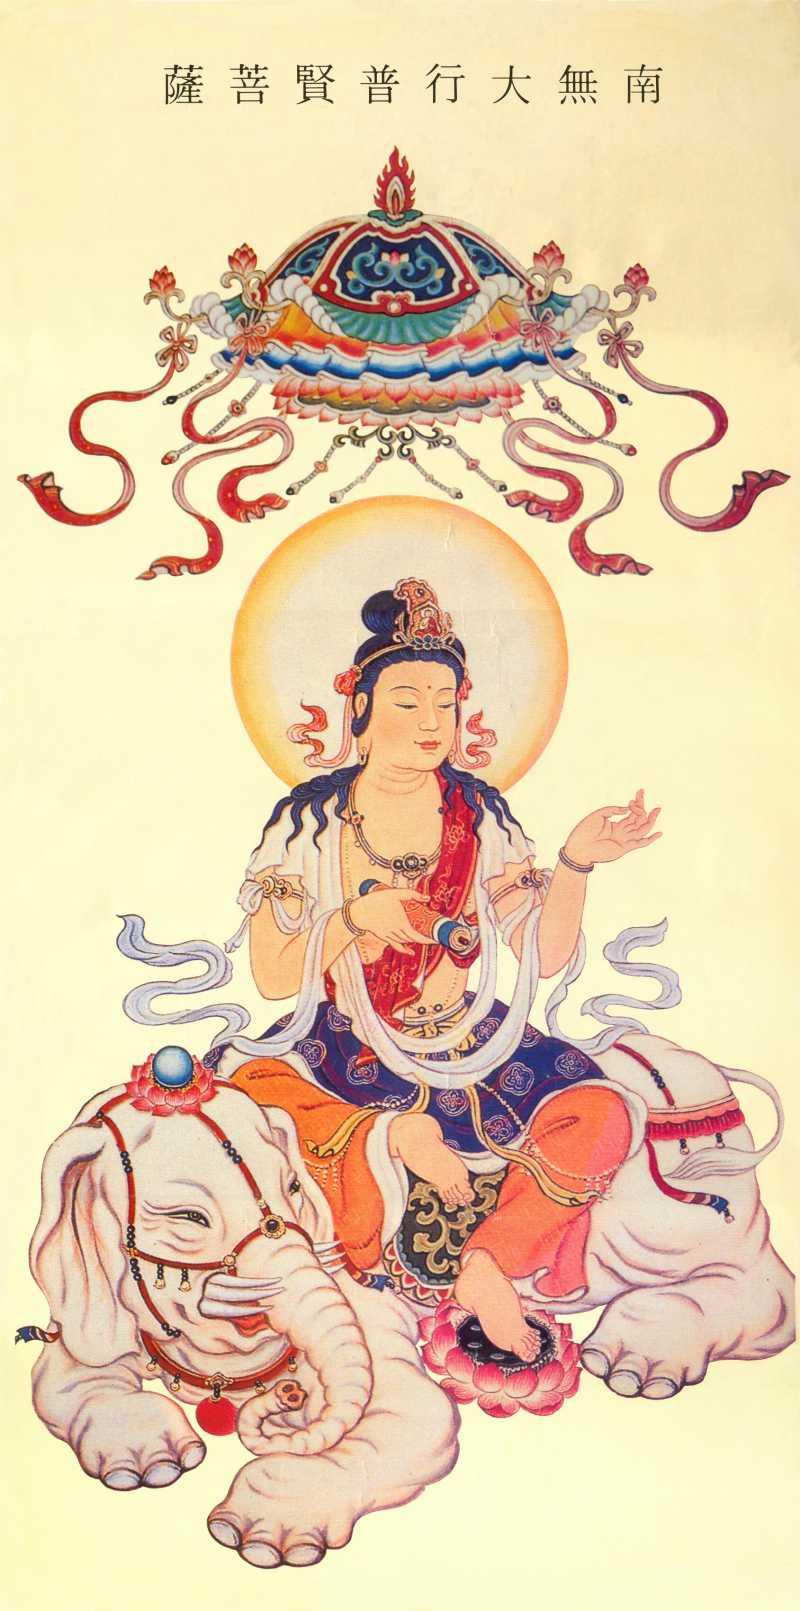 南通鬼手纹身 地藏王菩萨纹身图案高清图片